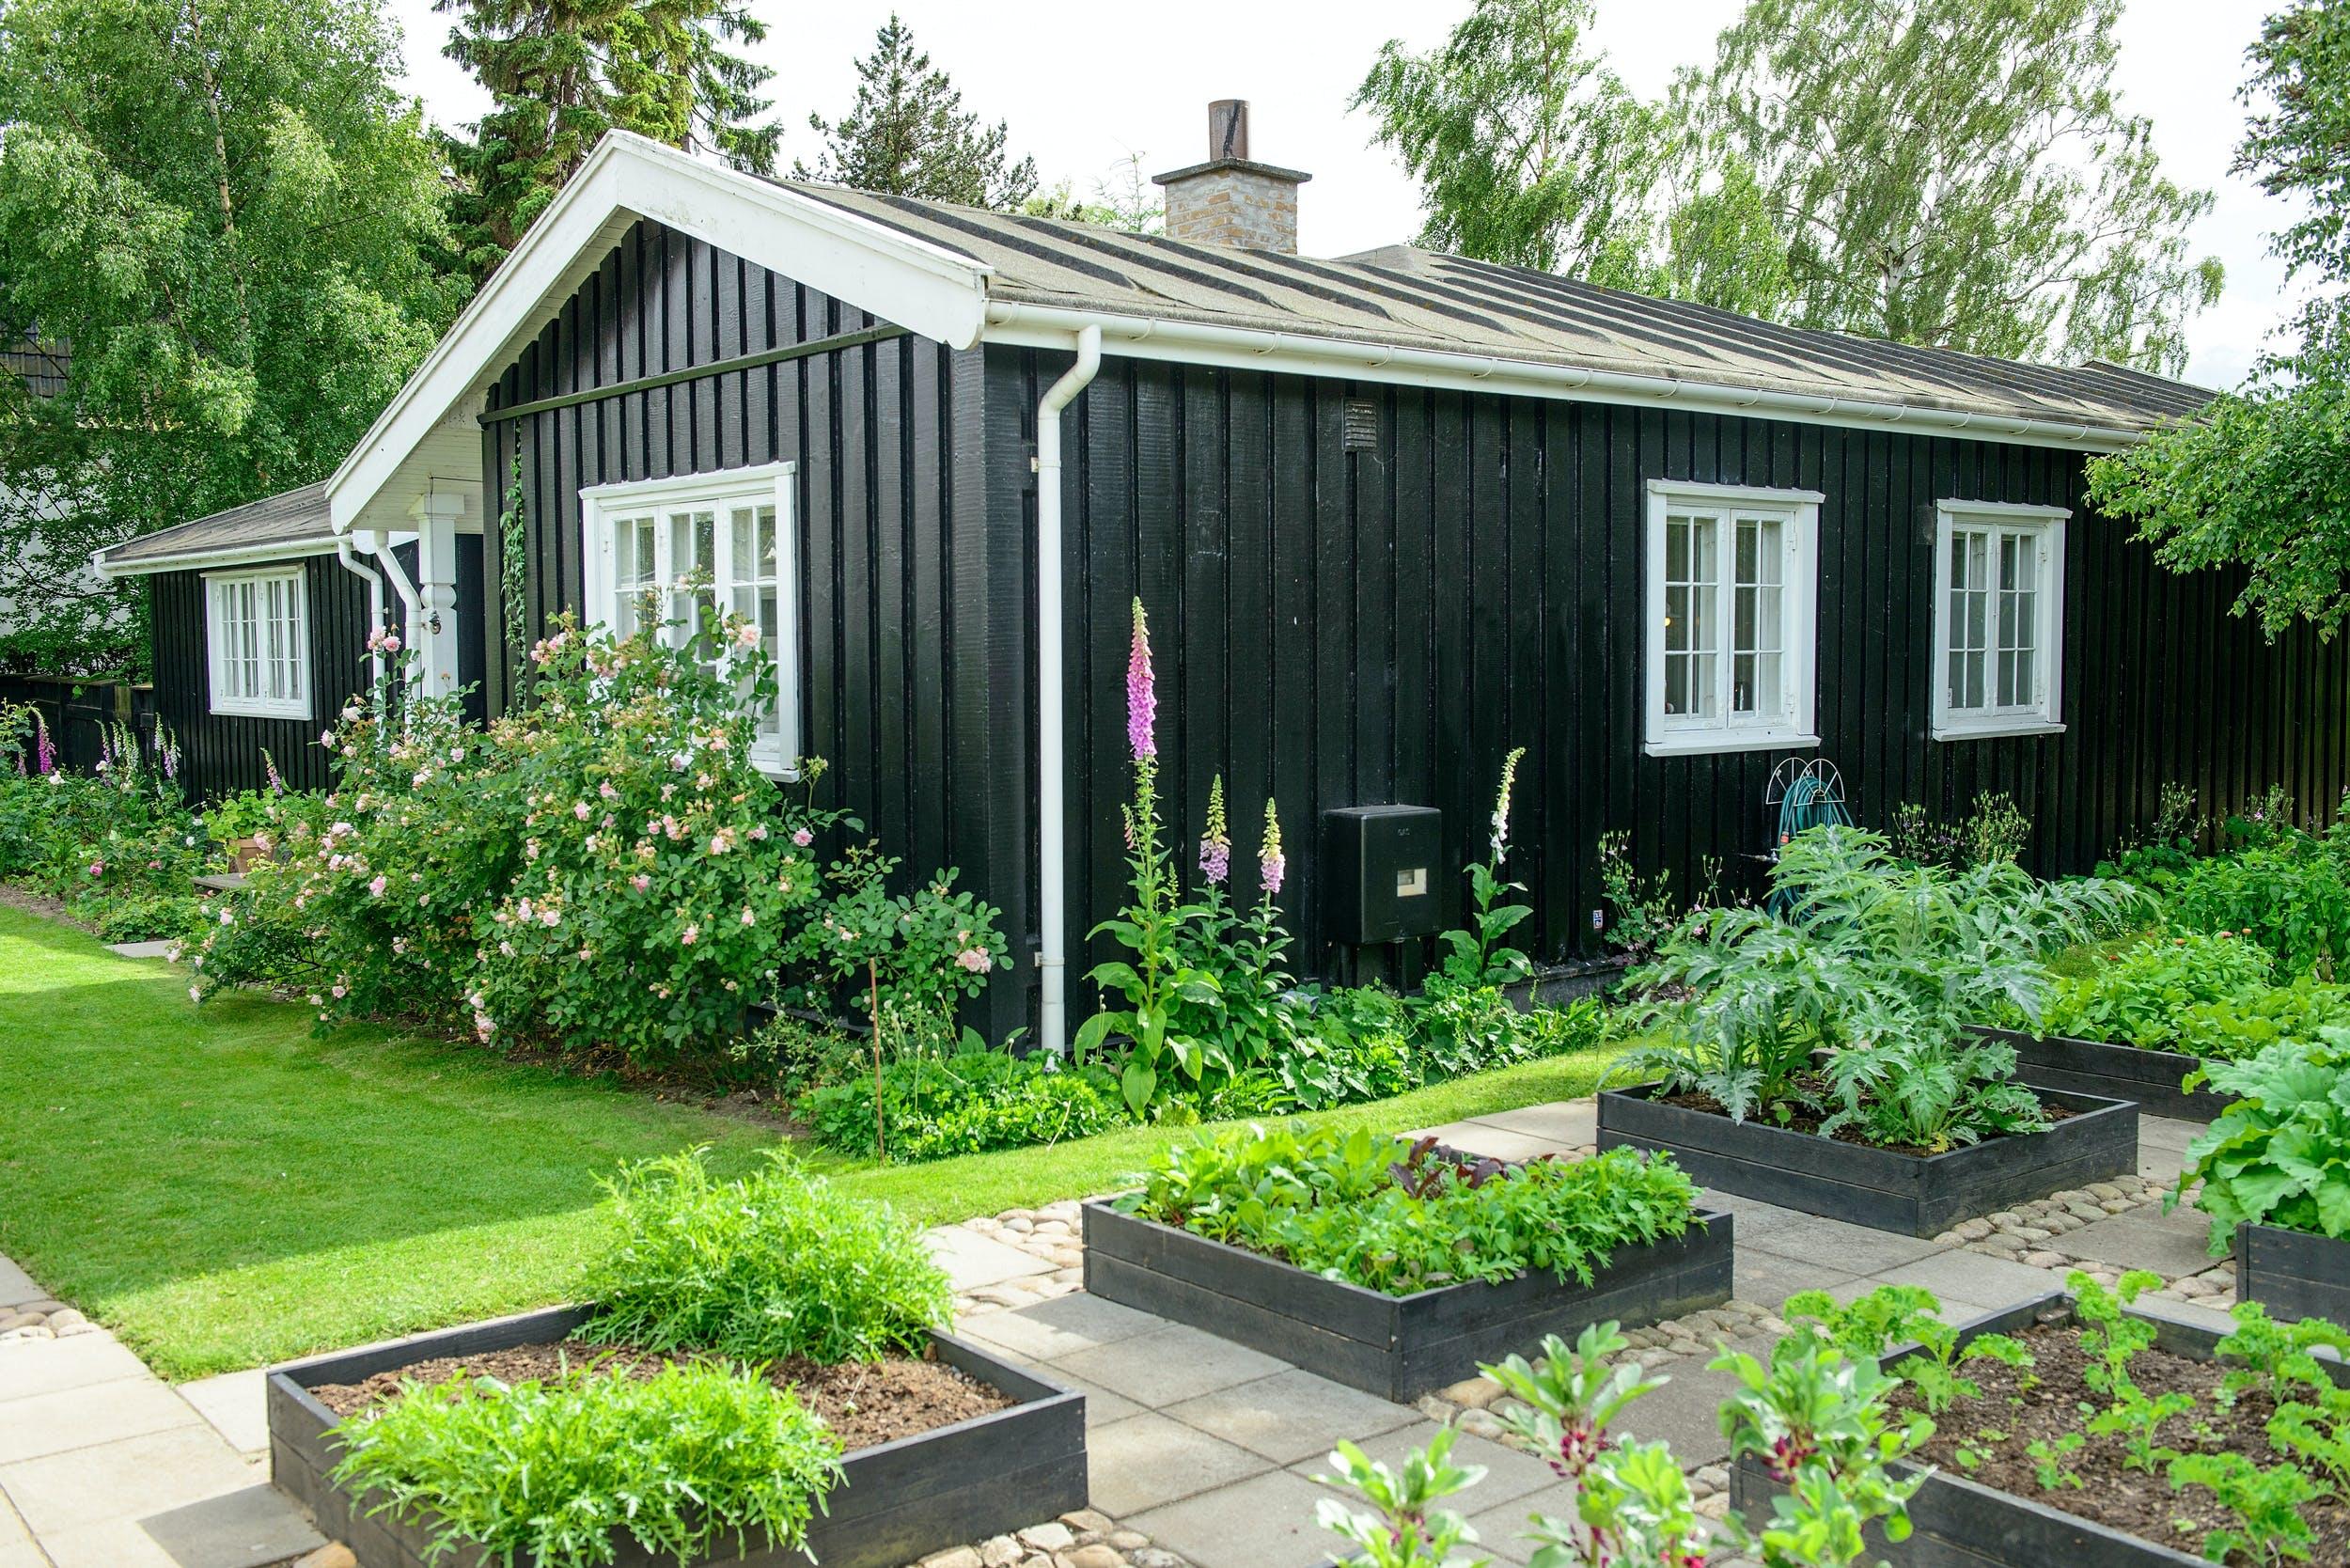 DET SORTMALEDE svenske træhus ligger midt på grunden, og haven omkranser det. Højbedene står skarpe og minimalistiske i dette rum i haven. På modsatte side ses en af de  otte belægninger i haven sammen med tidsler og blomster.